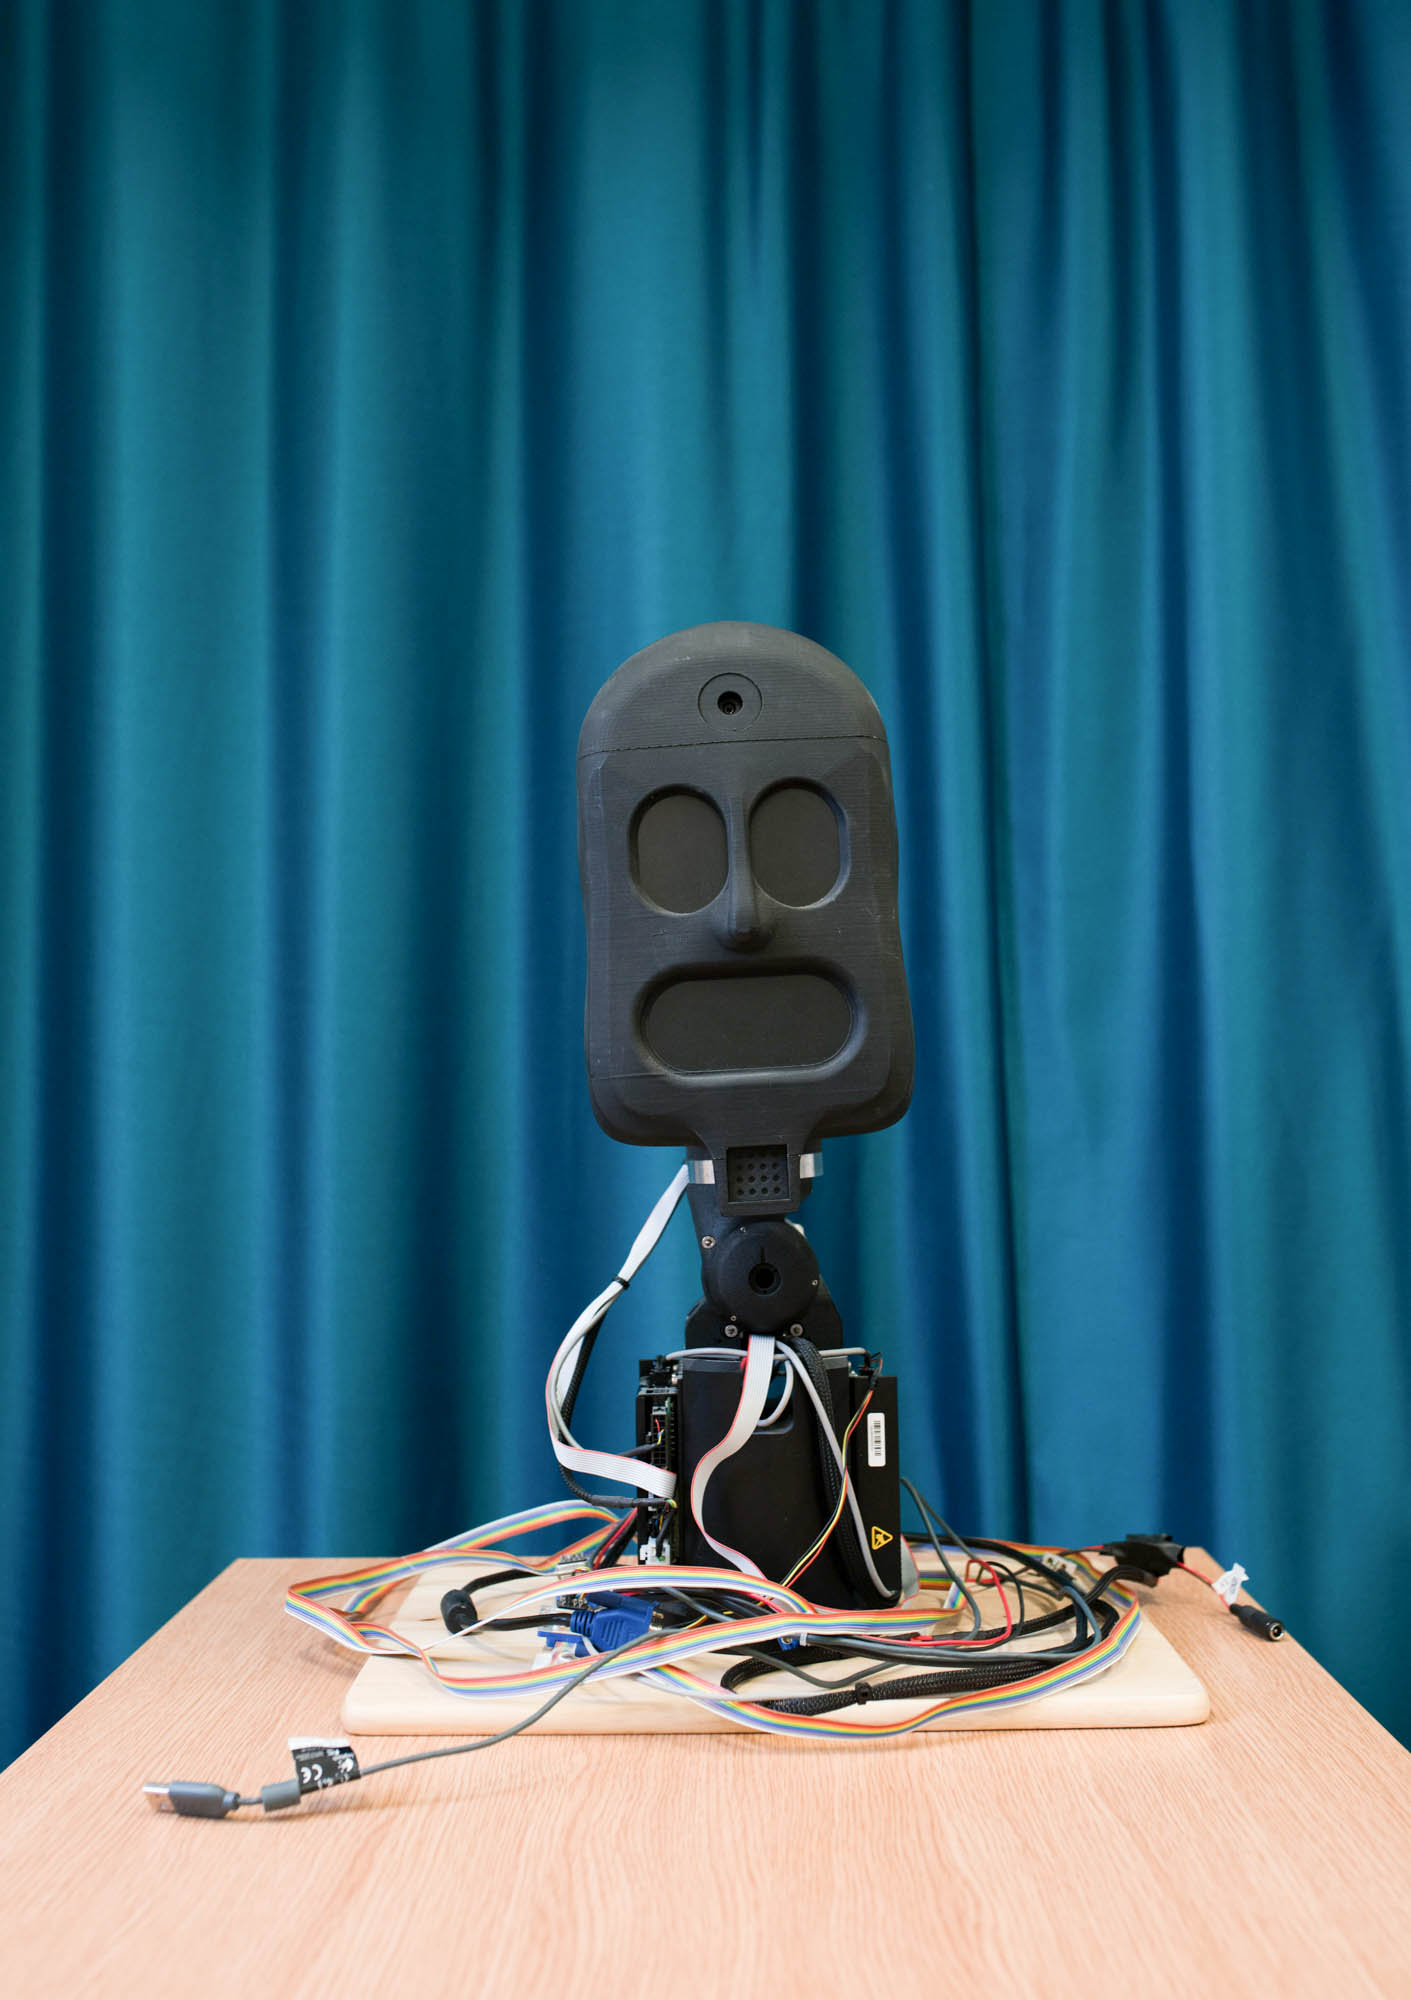 GiJ-Bristol-Robotics-26.jpg